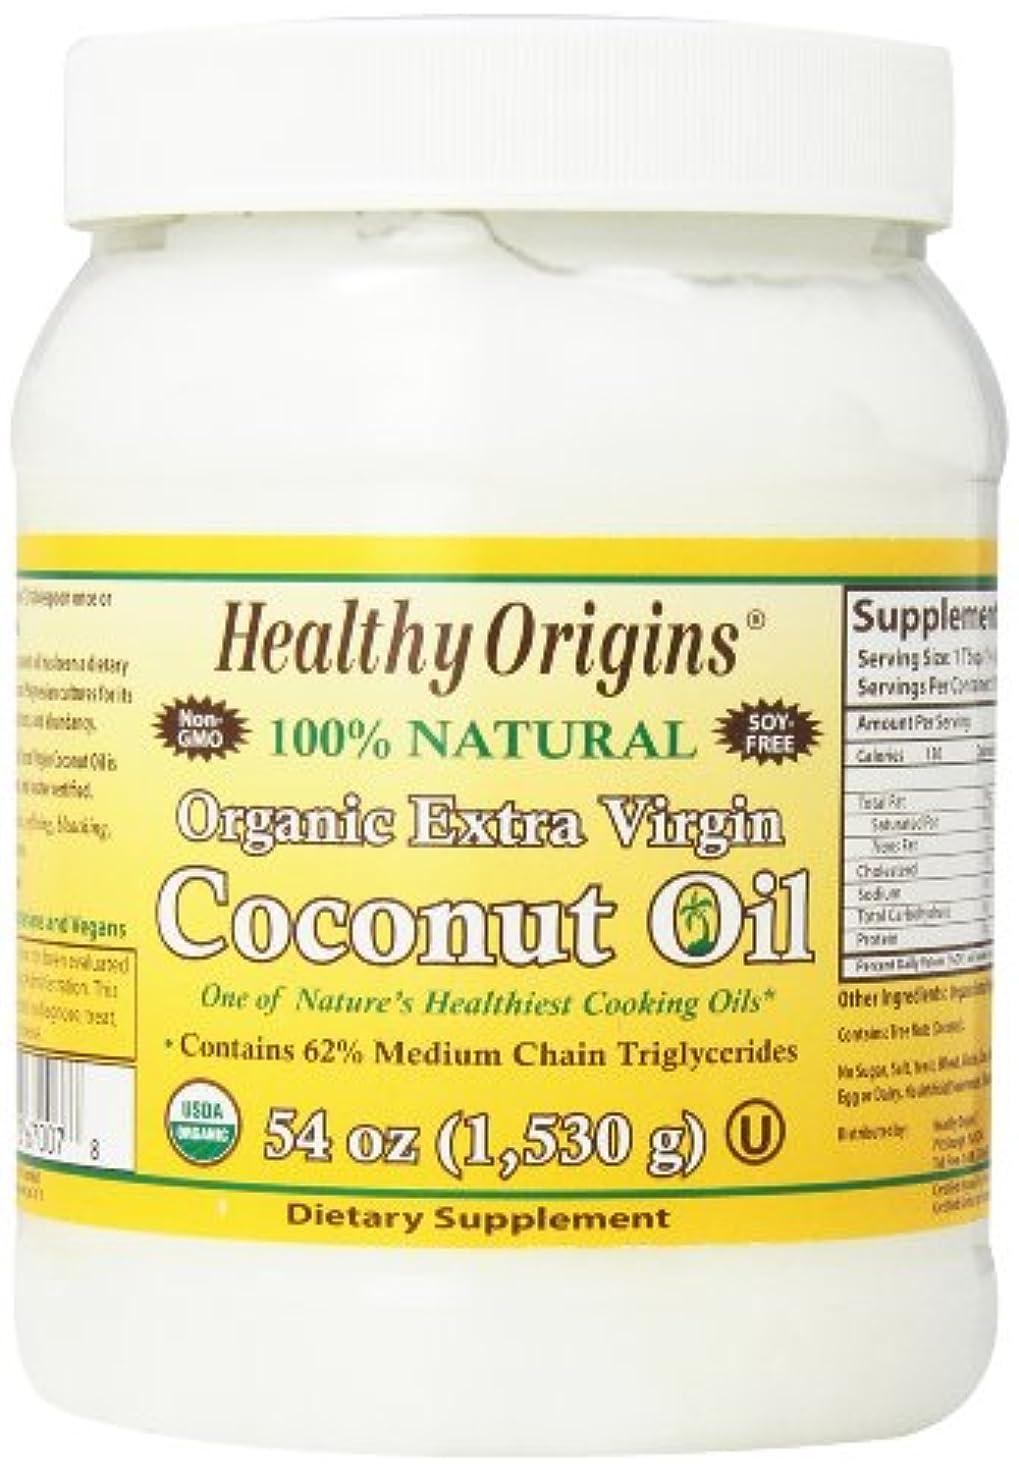 真っ逆さま目立つくま海外直送品Organic Extra Virgin Coconut Oil, 54 Oz by Healthy Origins